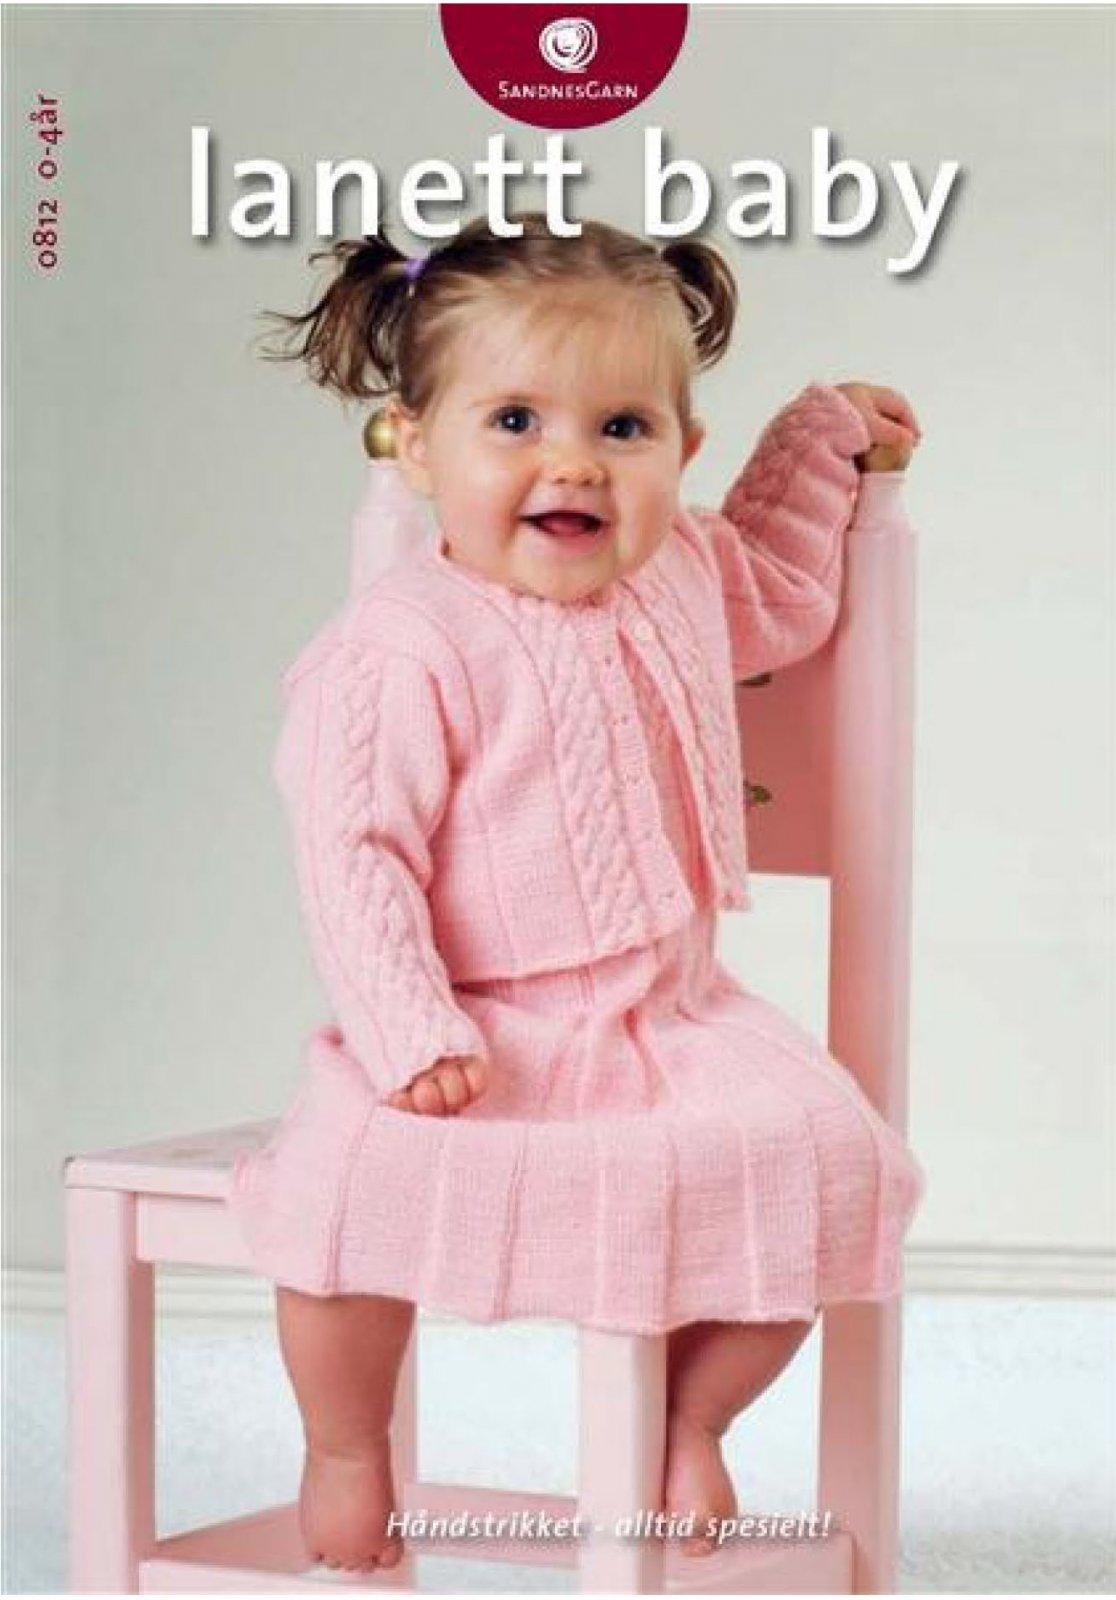 LANETT BABY BOOK 0812